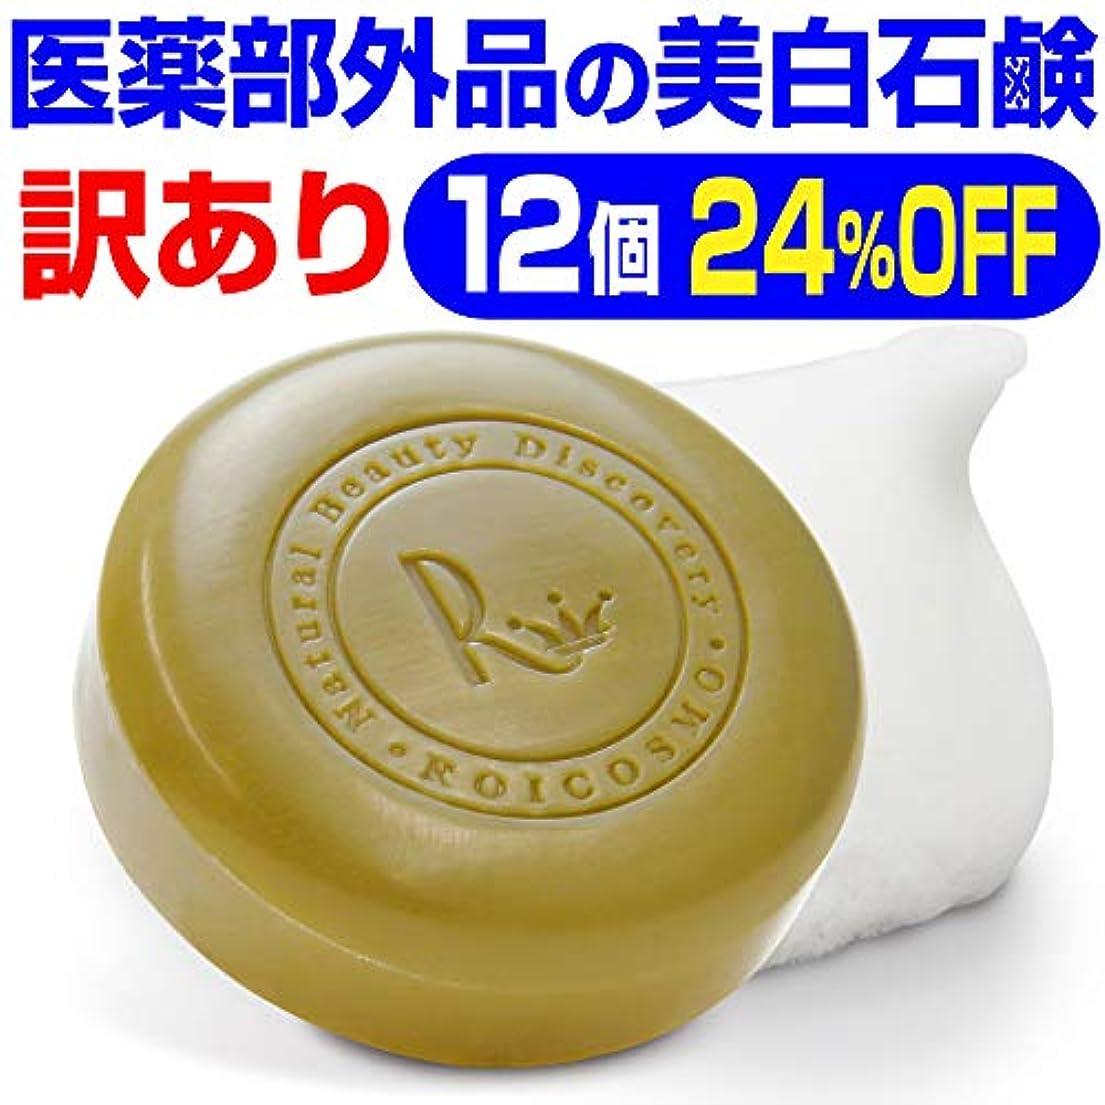 残るつばとは異なり訳あり24%OFF(1個2,036円)売切れ御免 ビタミンC270倍の美白成分の 洗顔石鹸『ホワイトソープ100g×12個』